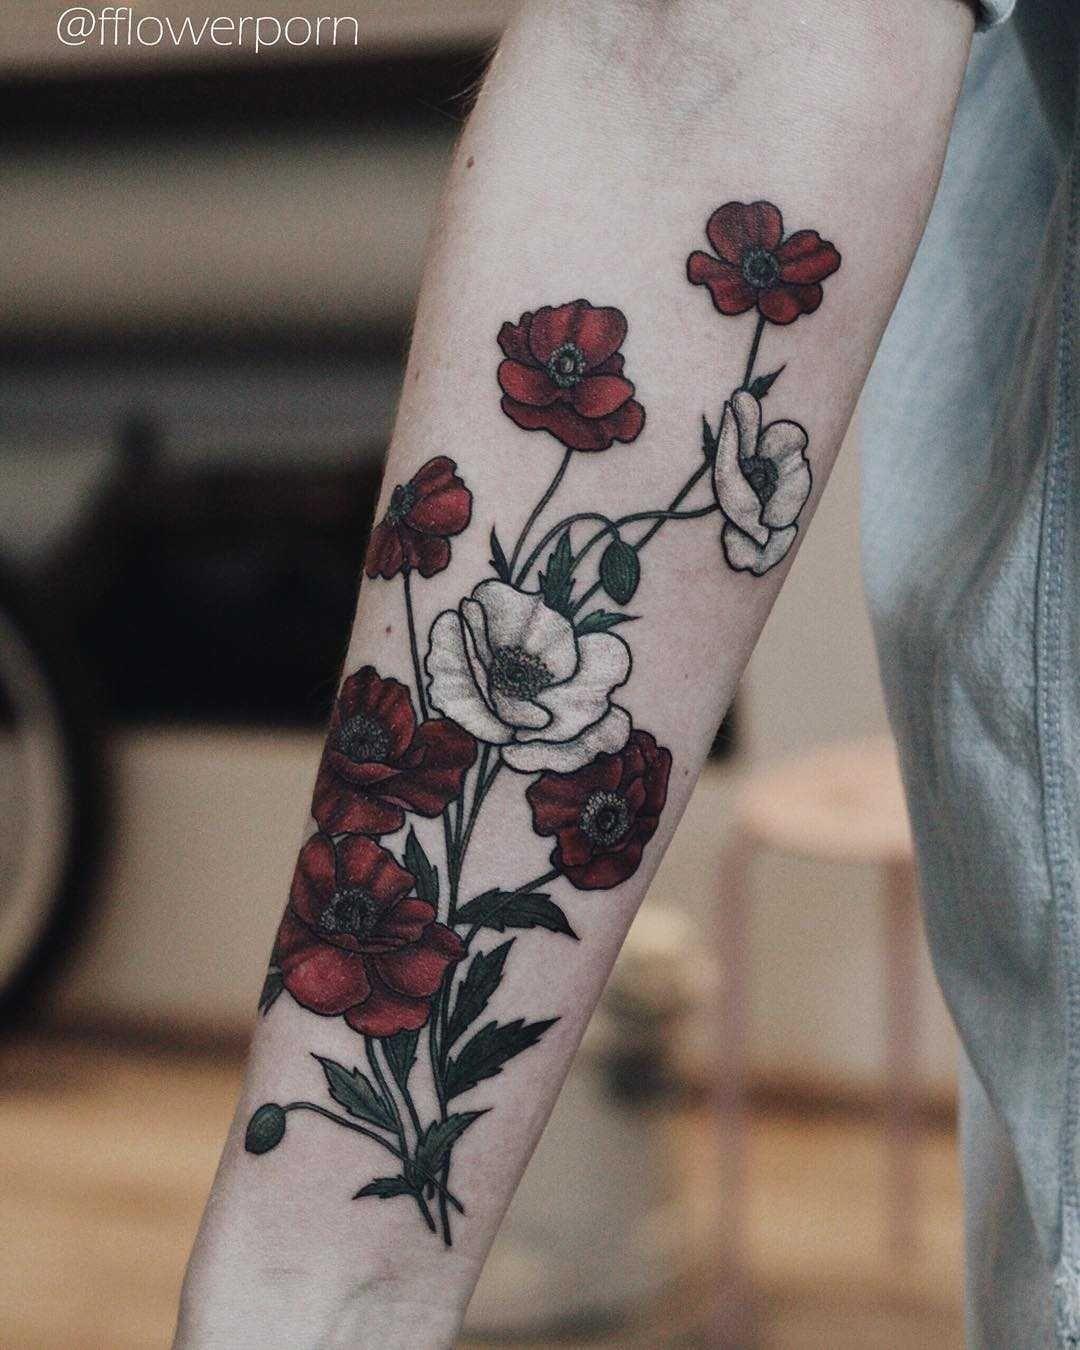 Bloody poppies tattoo - Tattoogrid.net